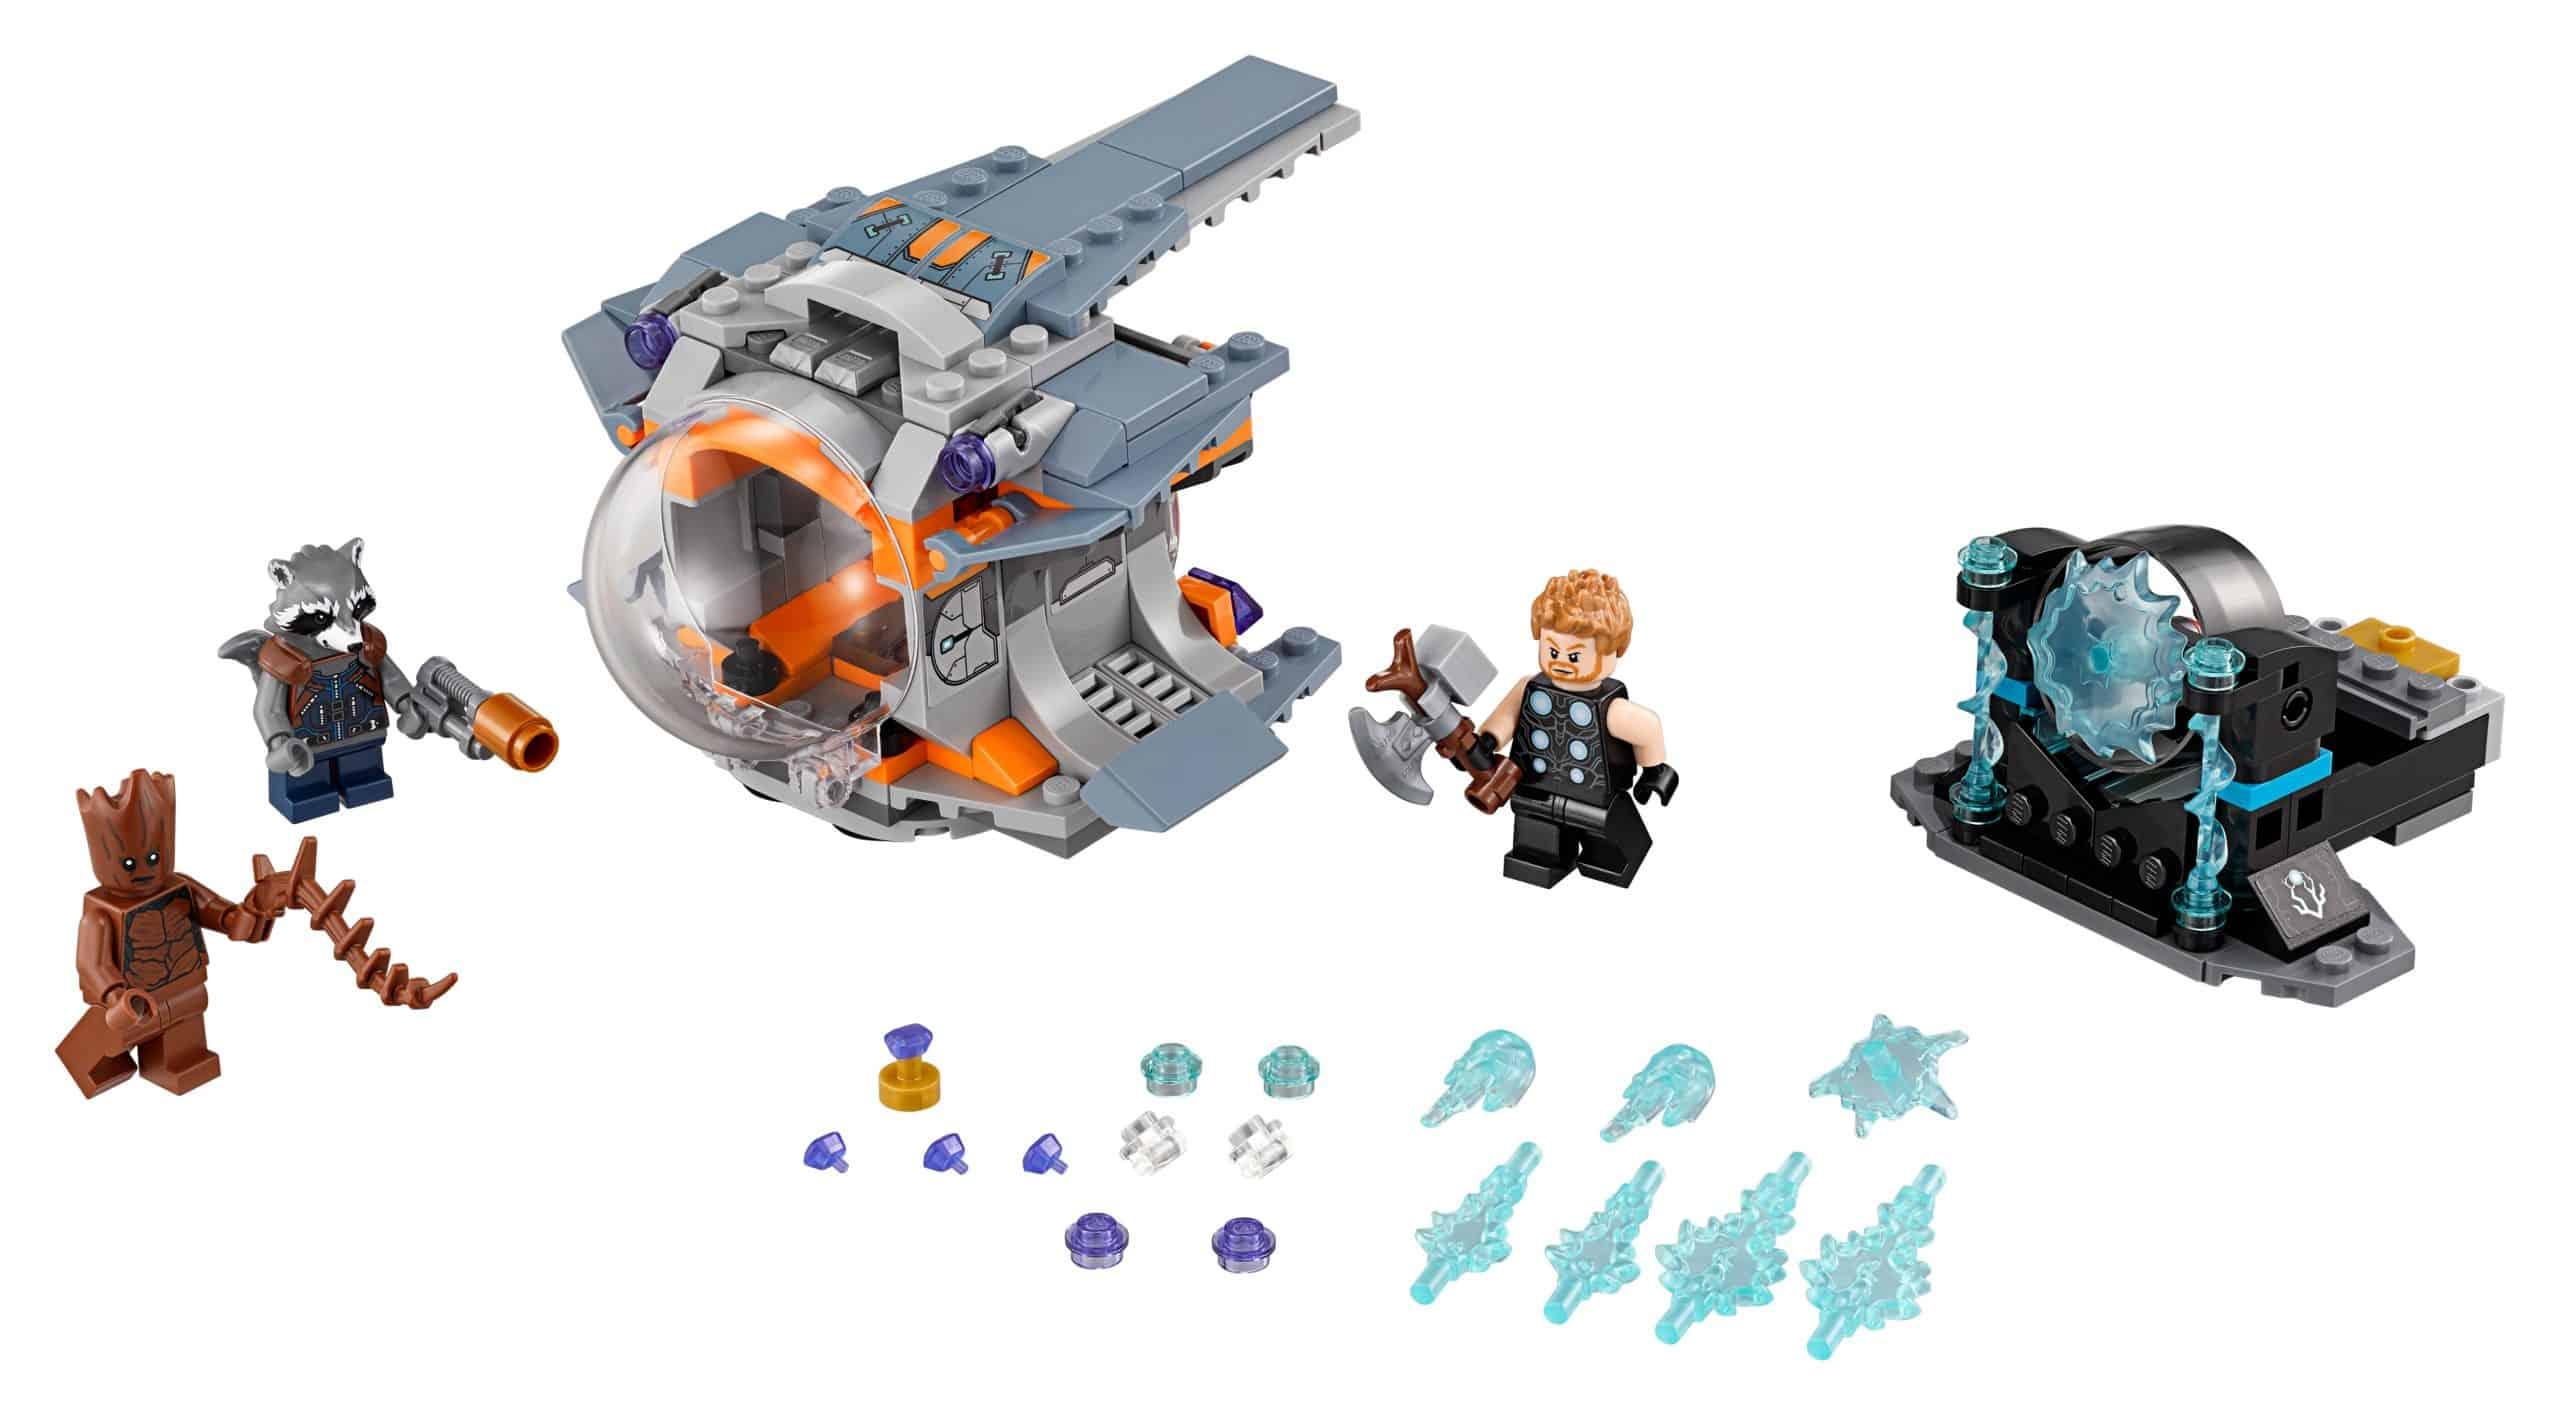 lego thors wapenzoektocht 76102 scaled